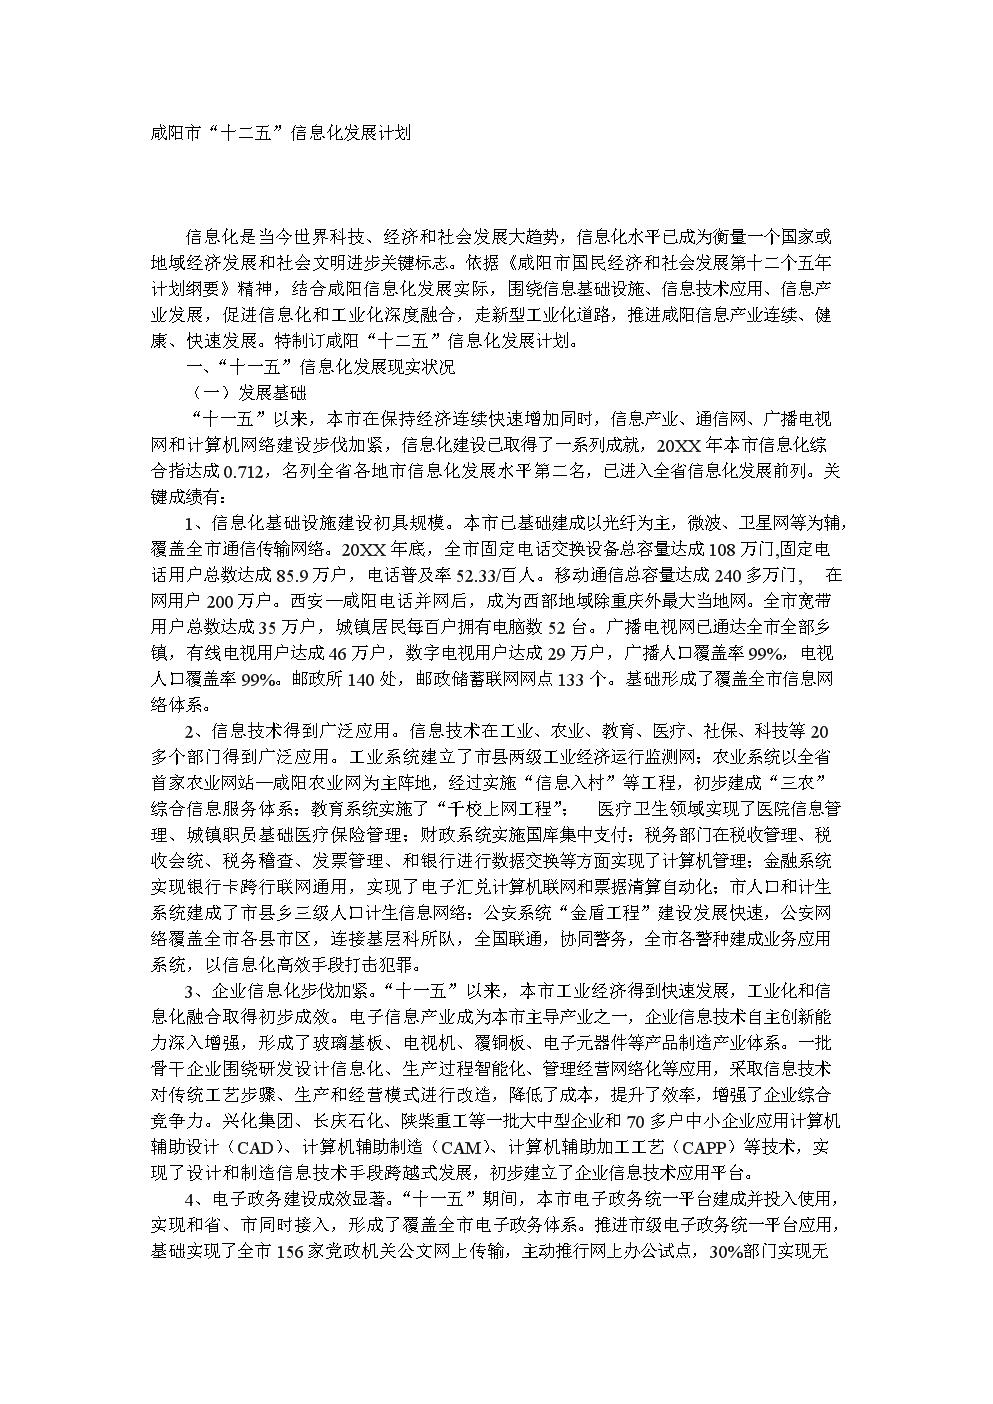 咸阳市十二五信息化发展指导规划方案.doc